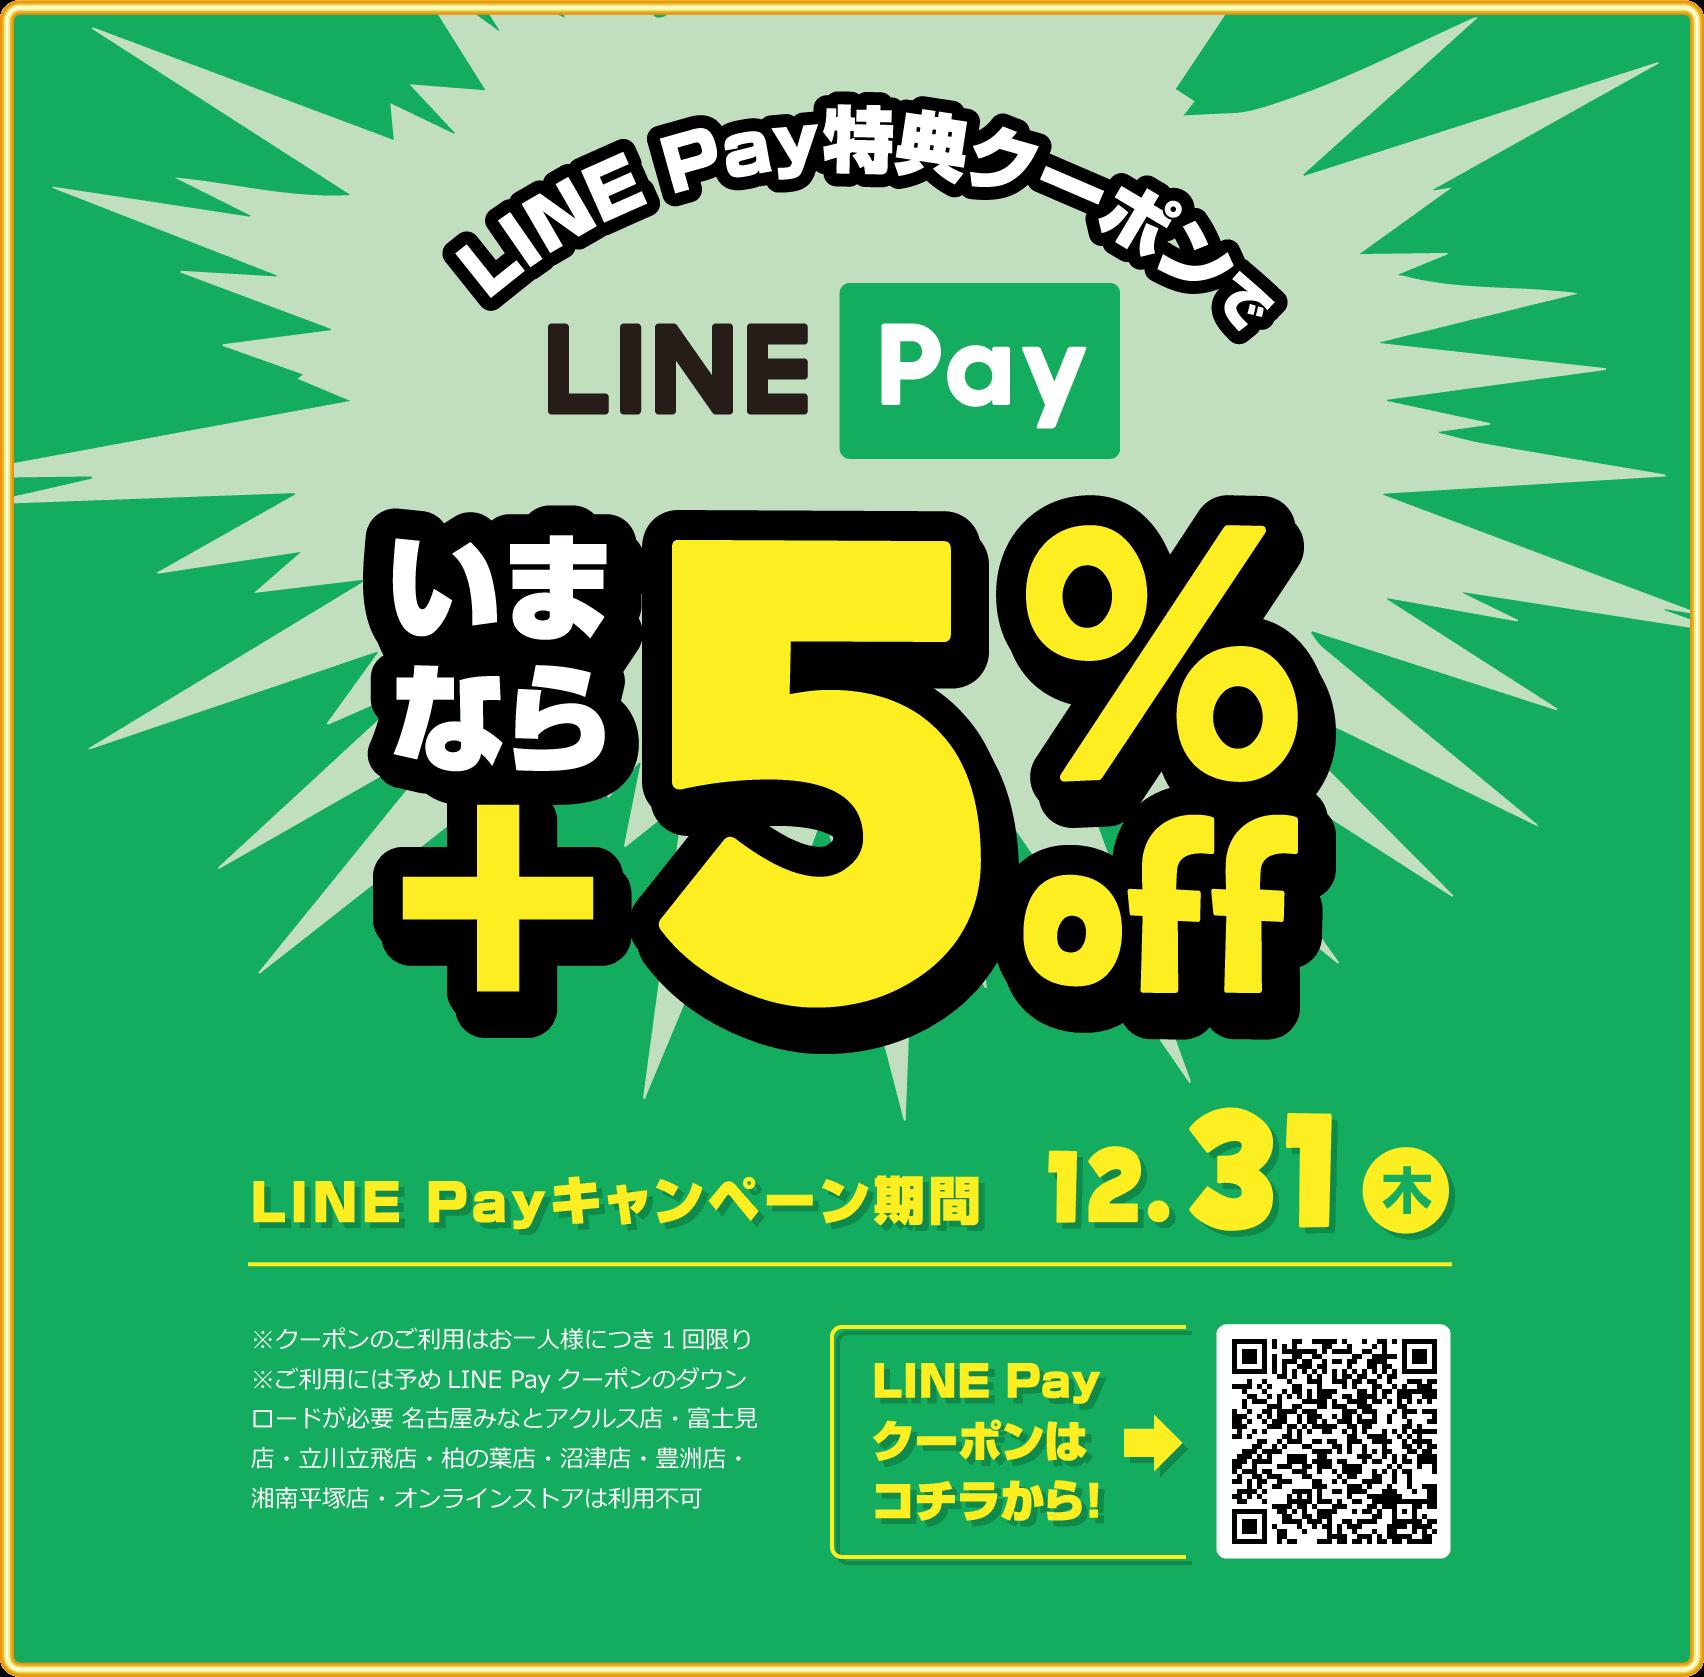 トイザらスでLINE Payで5%OFF、フェイスシールドが先着10万名、ビスコが先着3万名、1億ポイント山分けや1000円引きクーポンなども貰える。